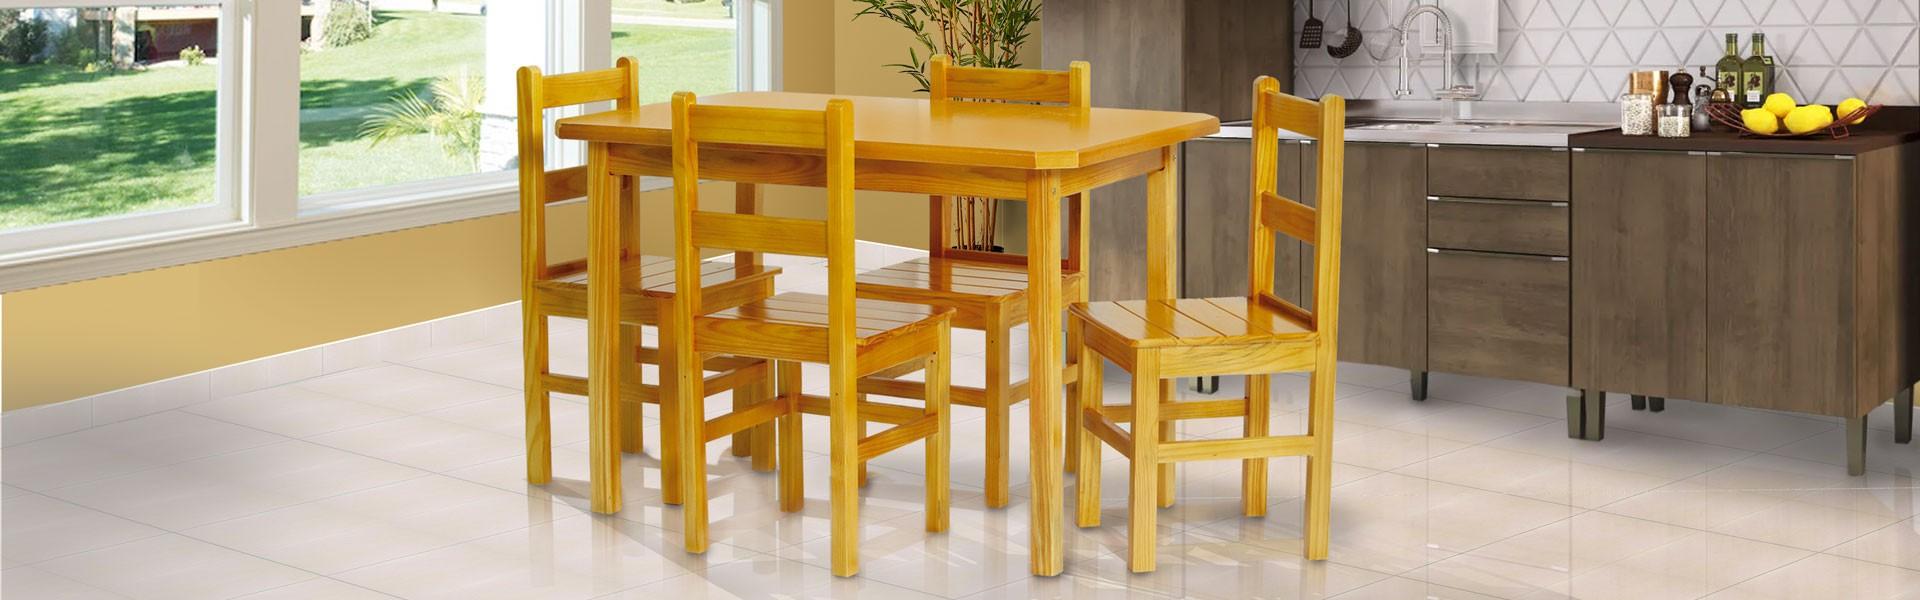 Conjunto cozinha 1,15 x 0,75 com 4 cadeiras de encosto baixo cerejeira